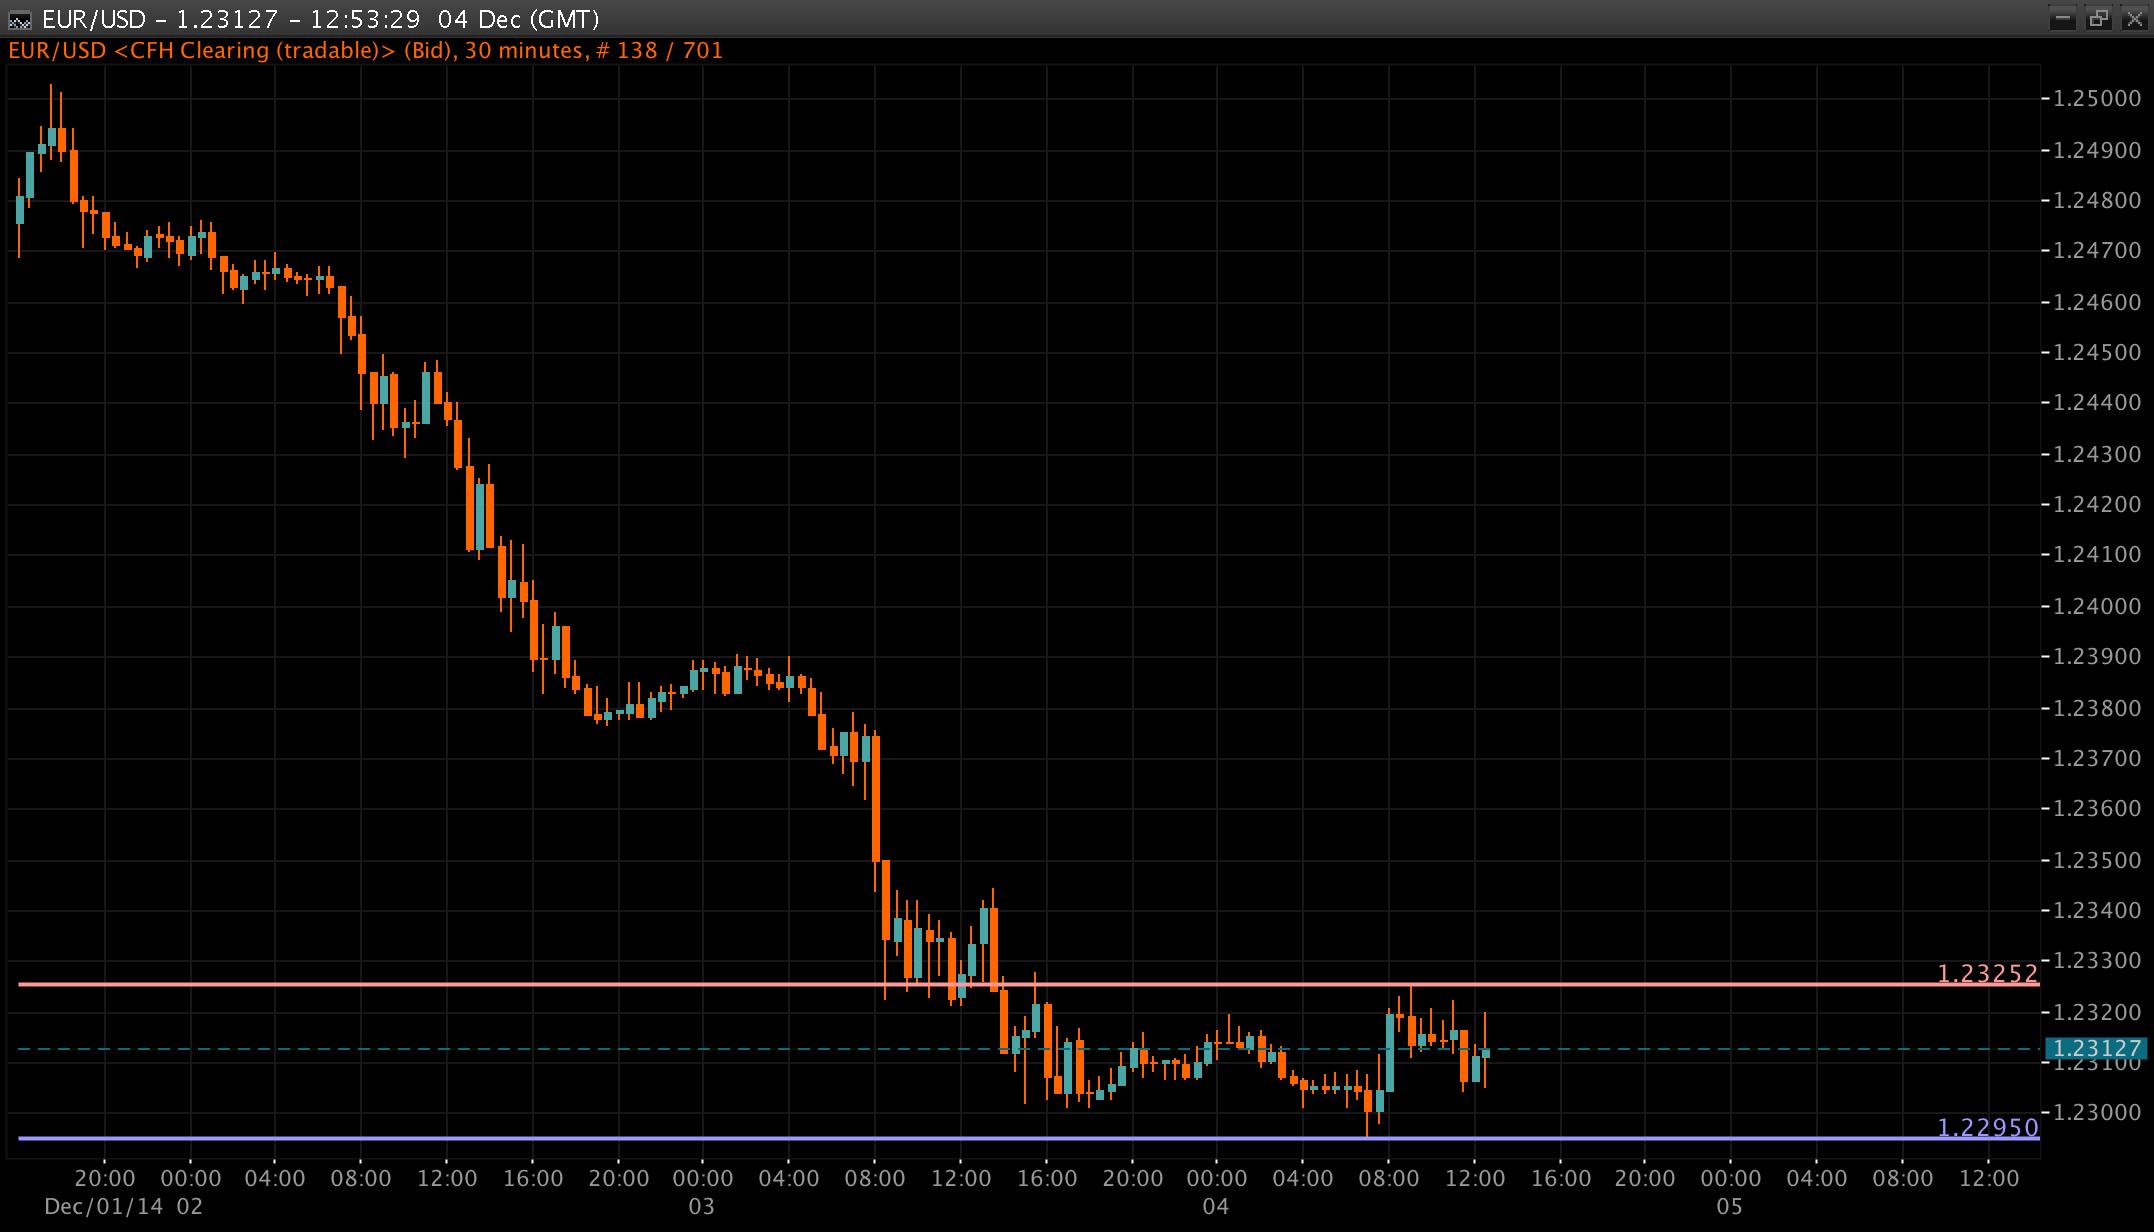 EUR/USD Chart 04 Dec 2014